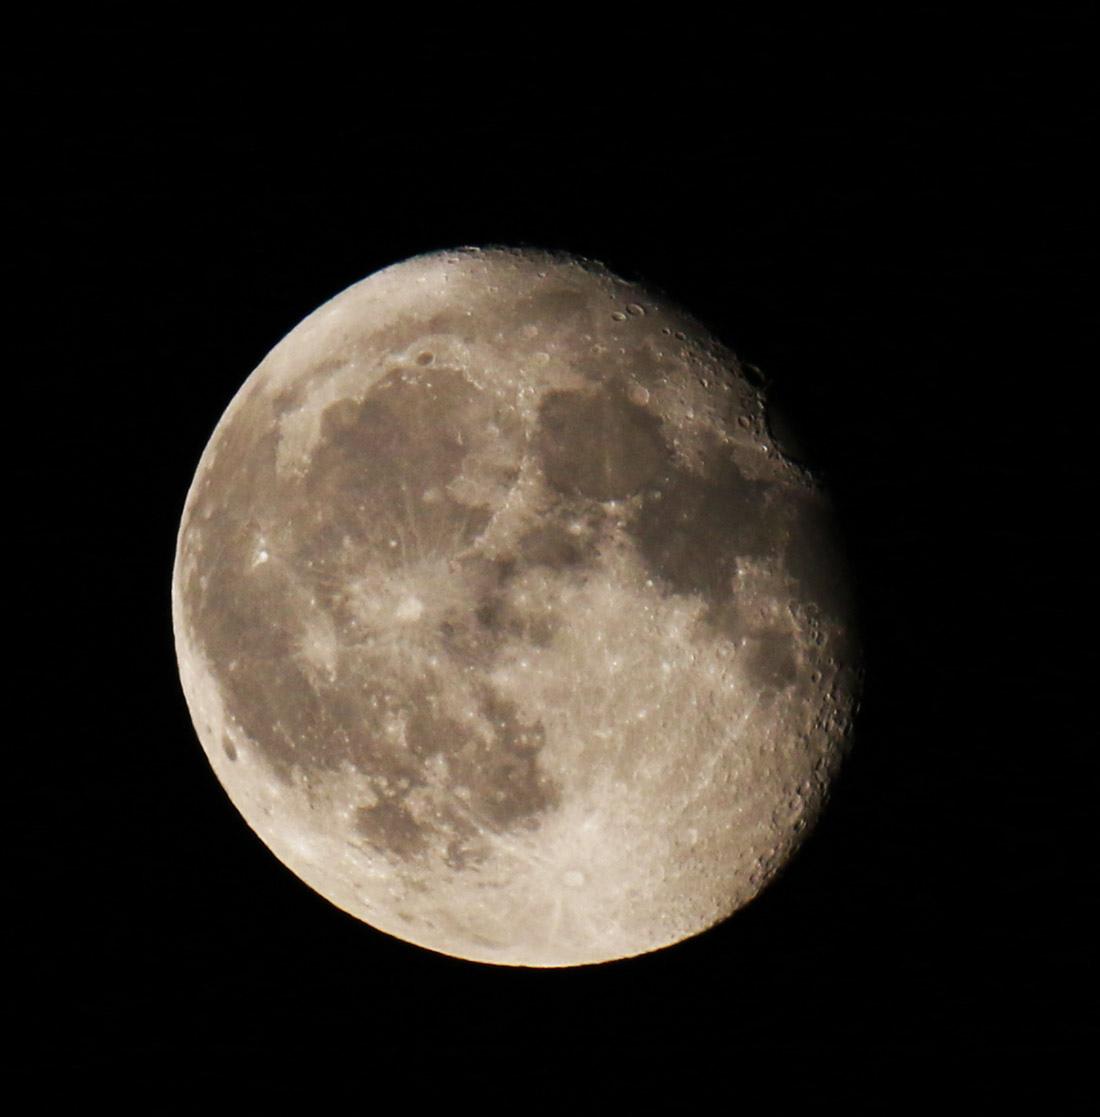 la lune le 19/07/2019 (39663) vers minuit ;)